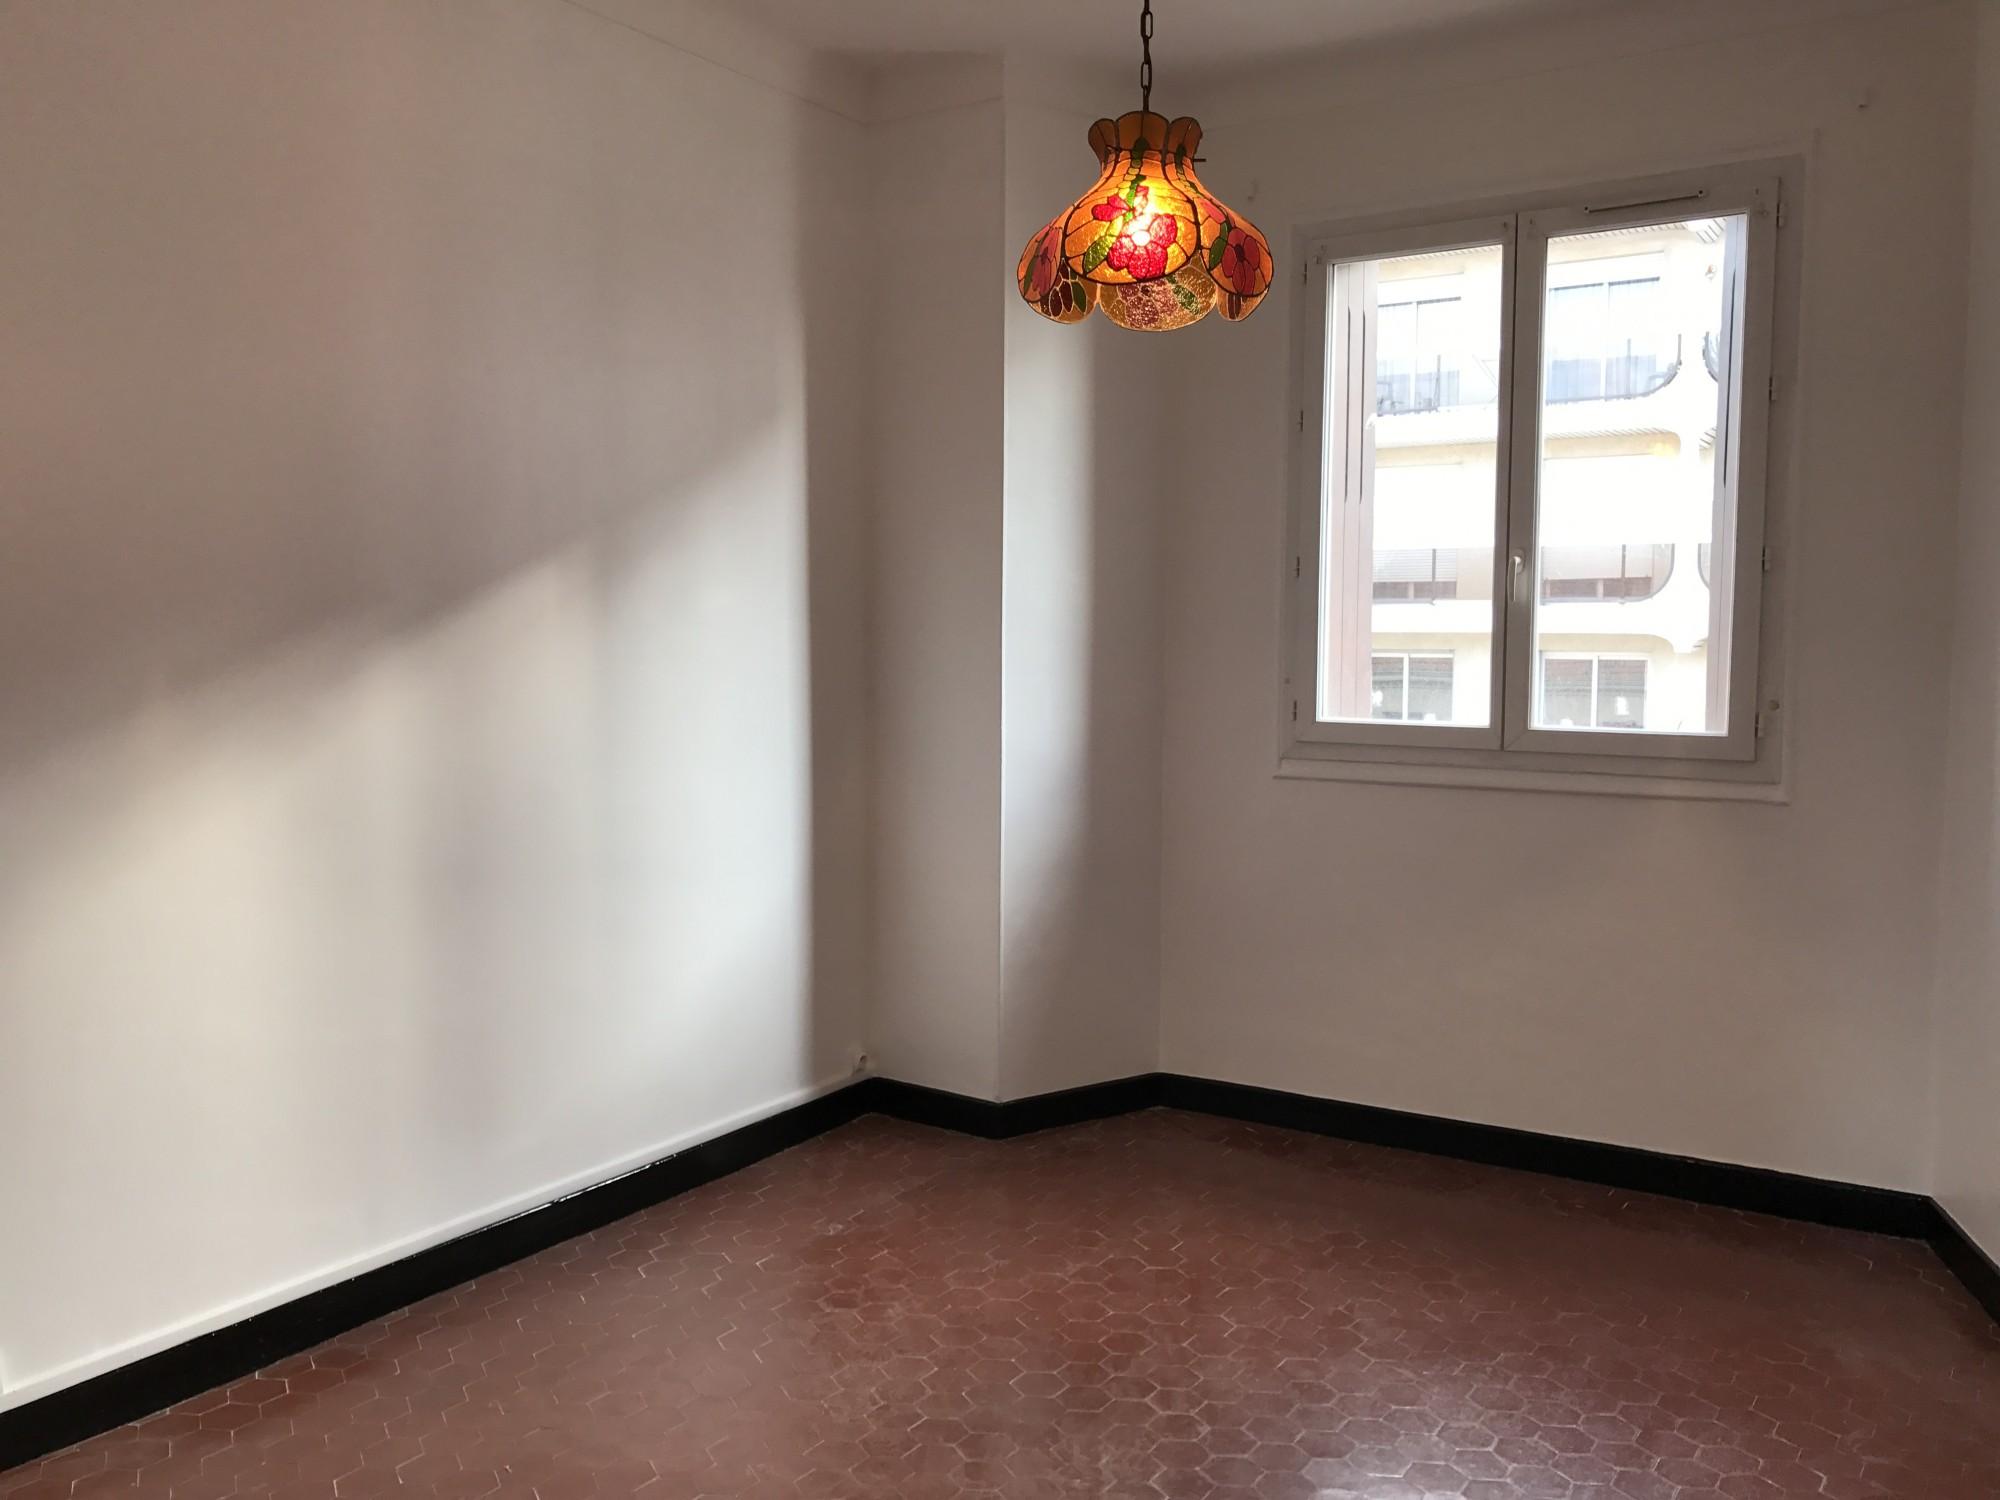 Location APPARTEMENT T2 - 13004 - Place Sébastopol, rue des Orgues - Cuisine équipée, salle de bains, traversant, cave ...